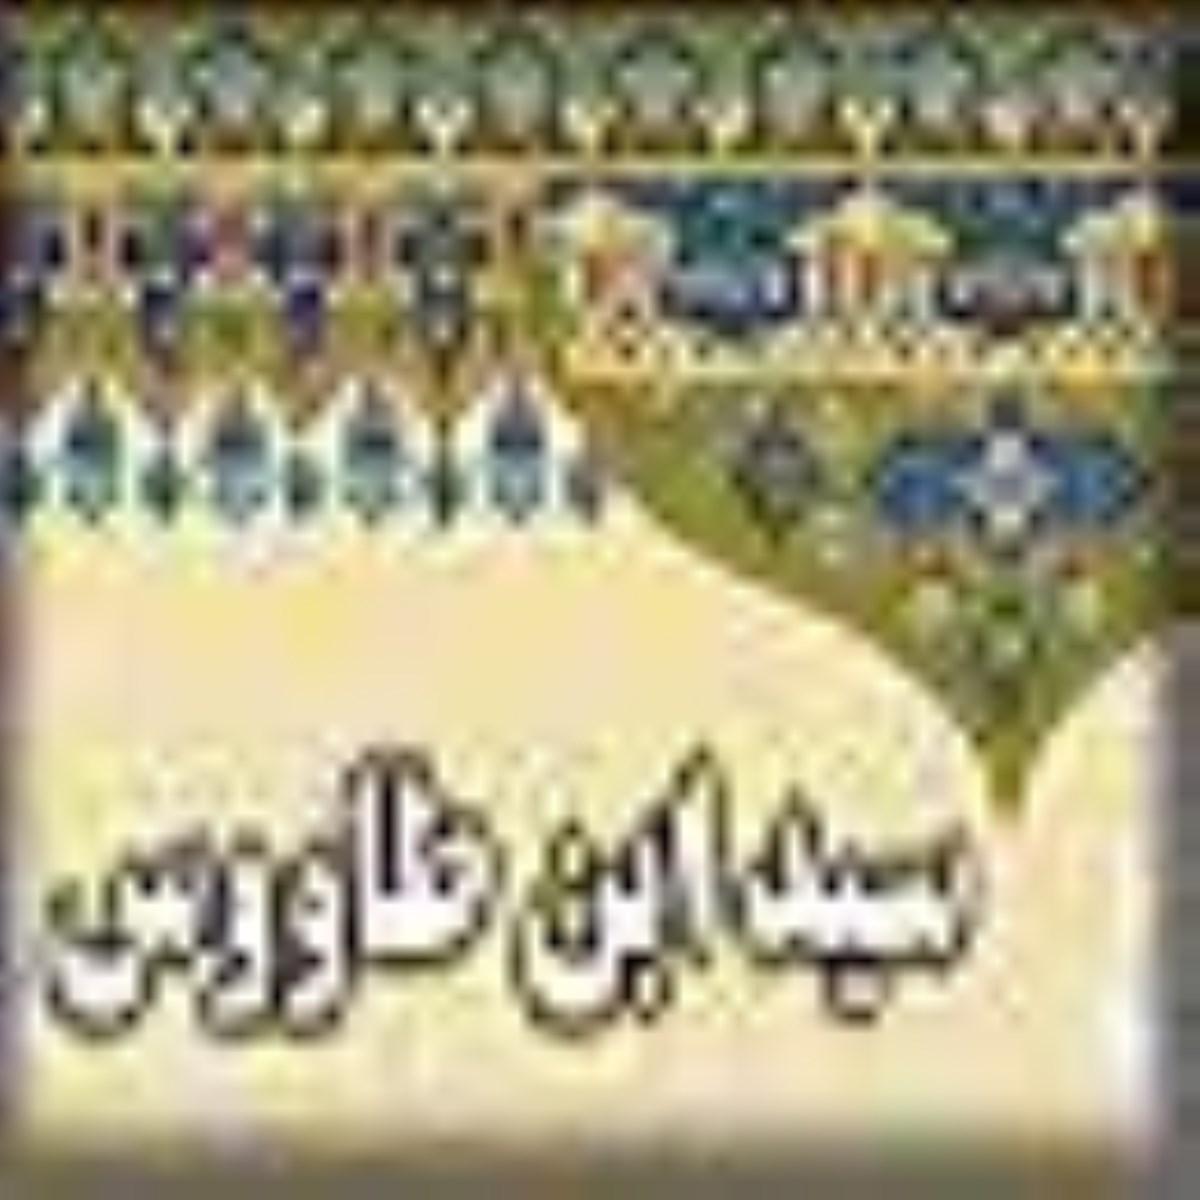 زندگی نامه ی سيد بن طاووس رحمت الله علیه(1)